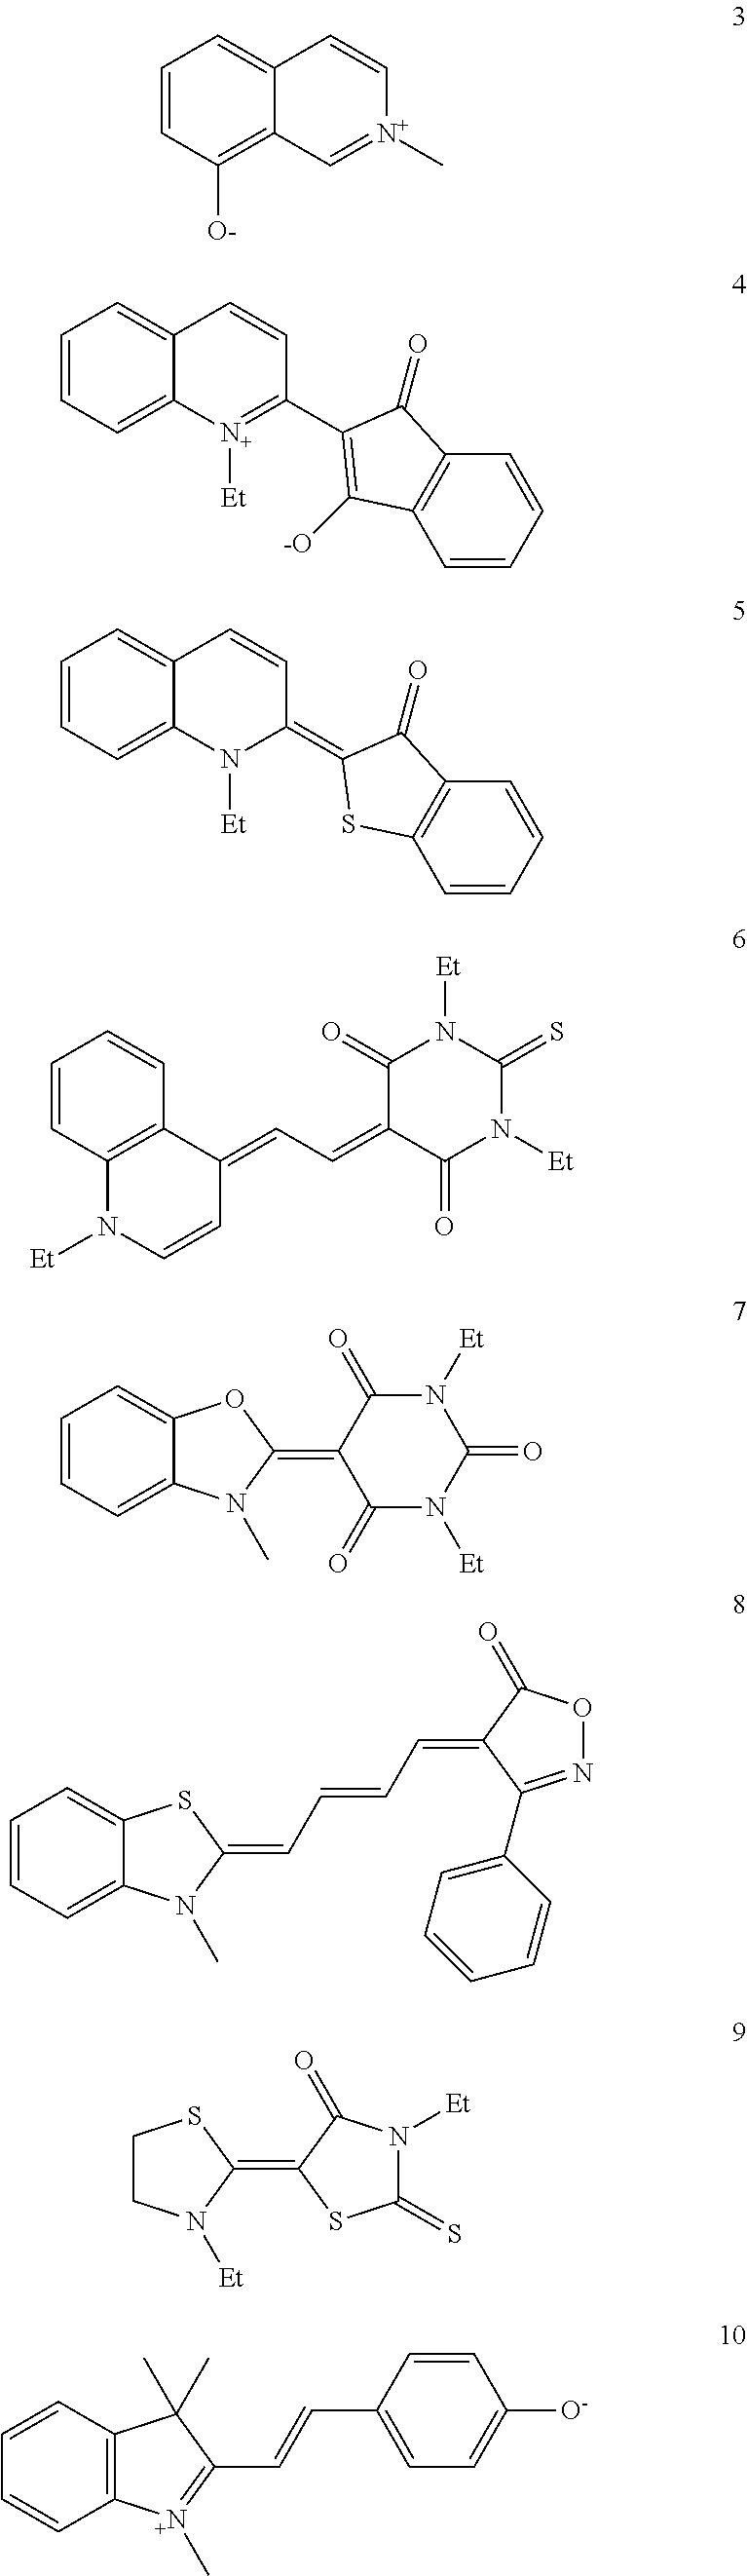 Figure US08247220-20120821-C00003